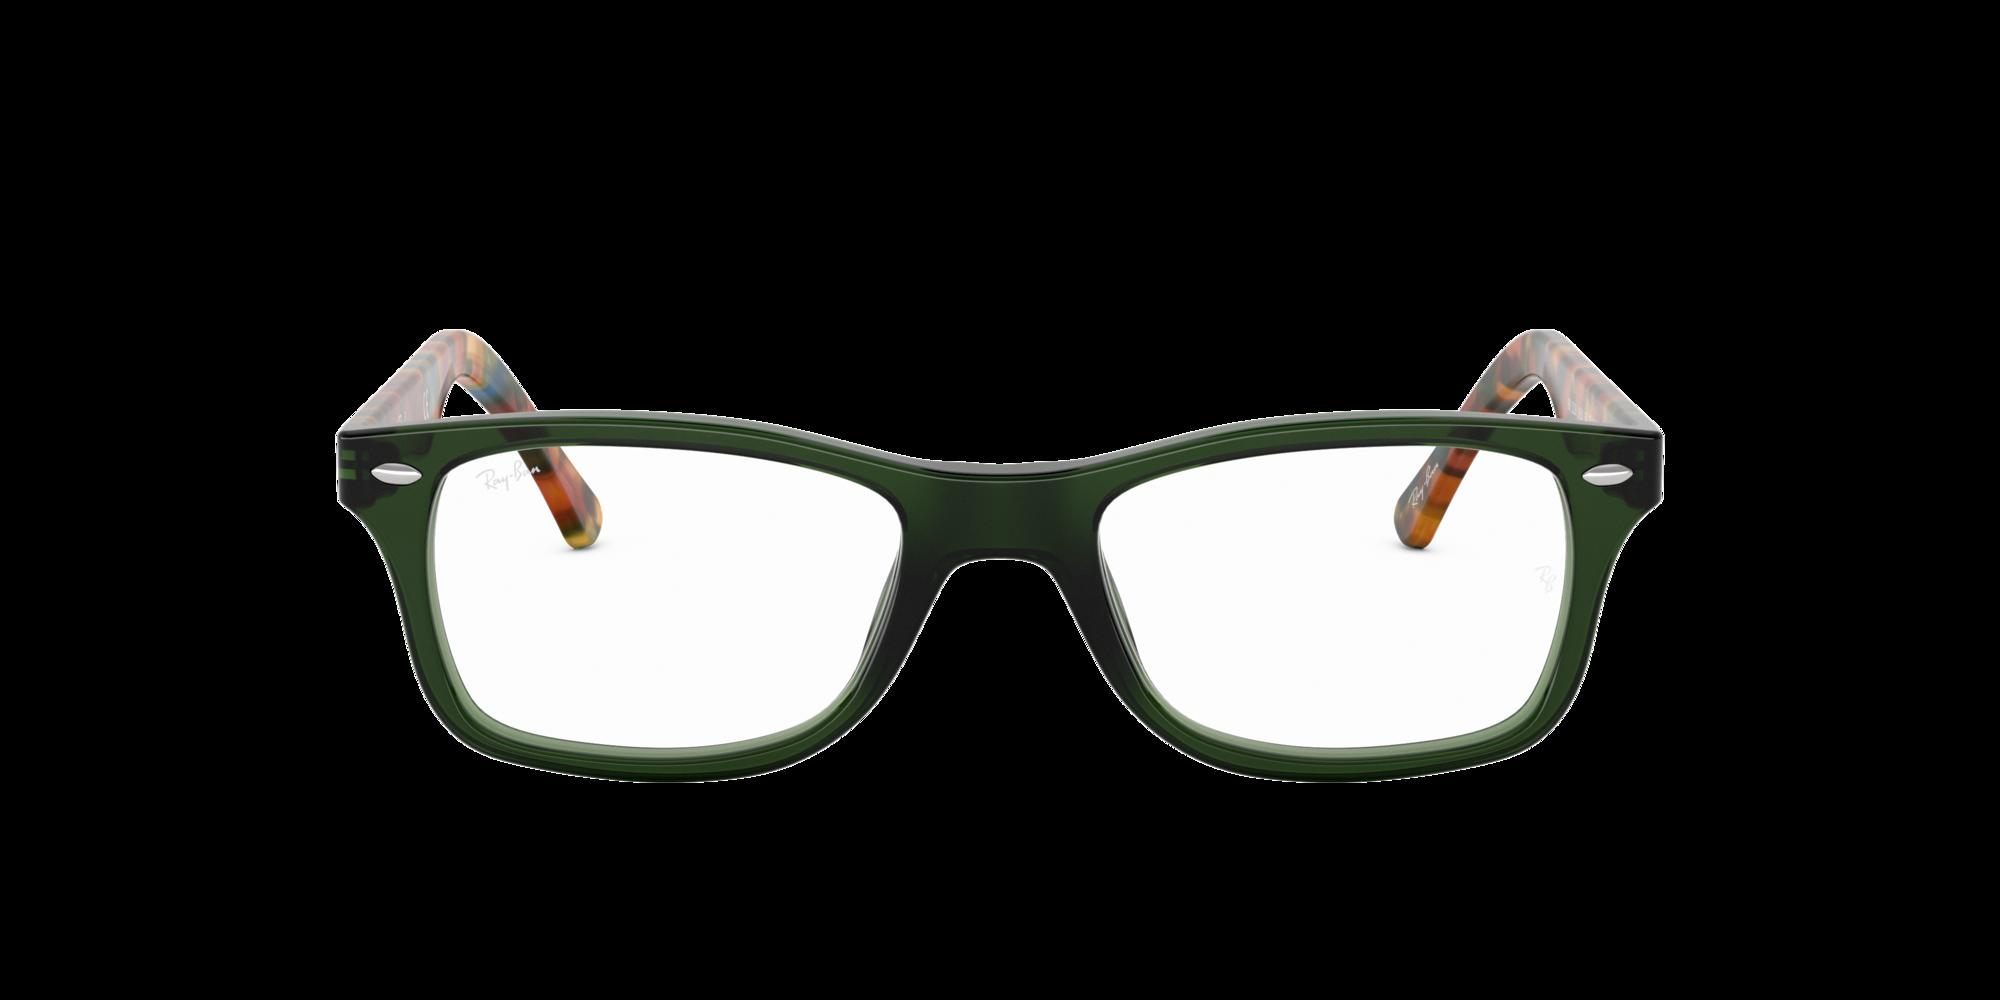 Imagen para RX5228 de LensCrafters |  Espejuelos, espejuelos graduados en línea, gafas